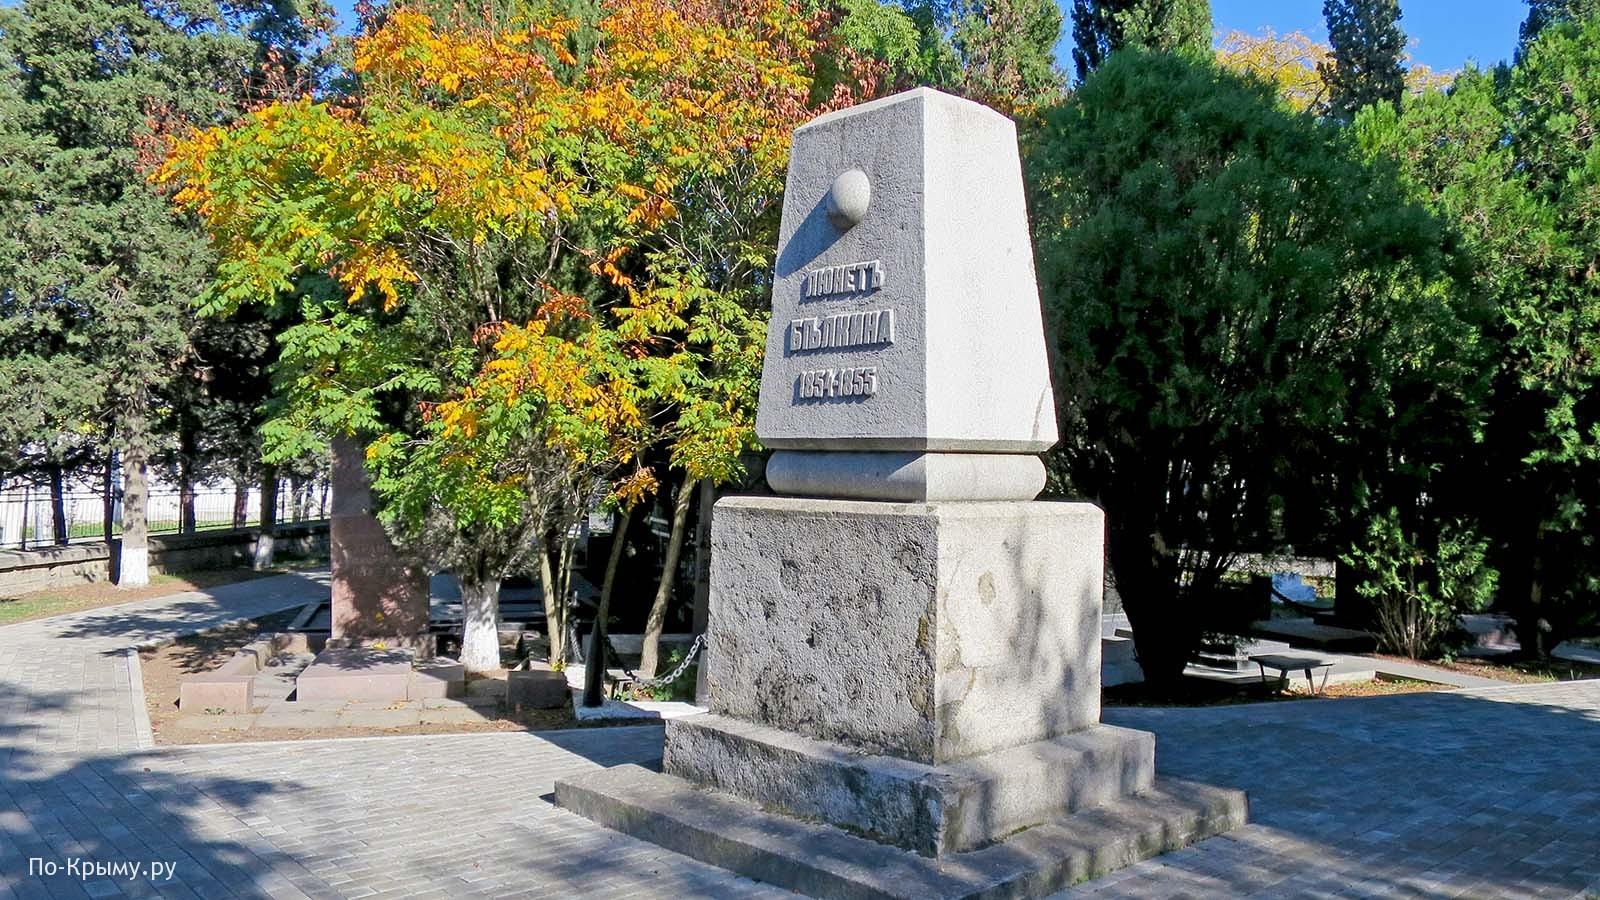 Памятники Крымской войны - Люнет Белкина в Севастополе